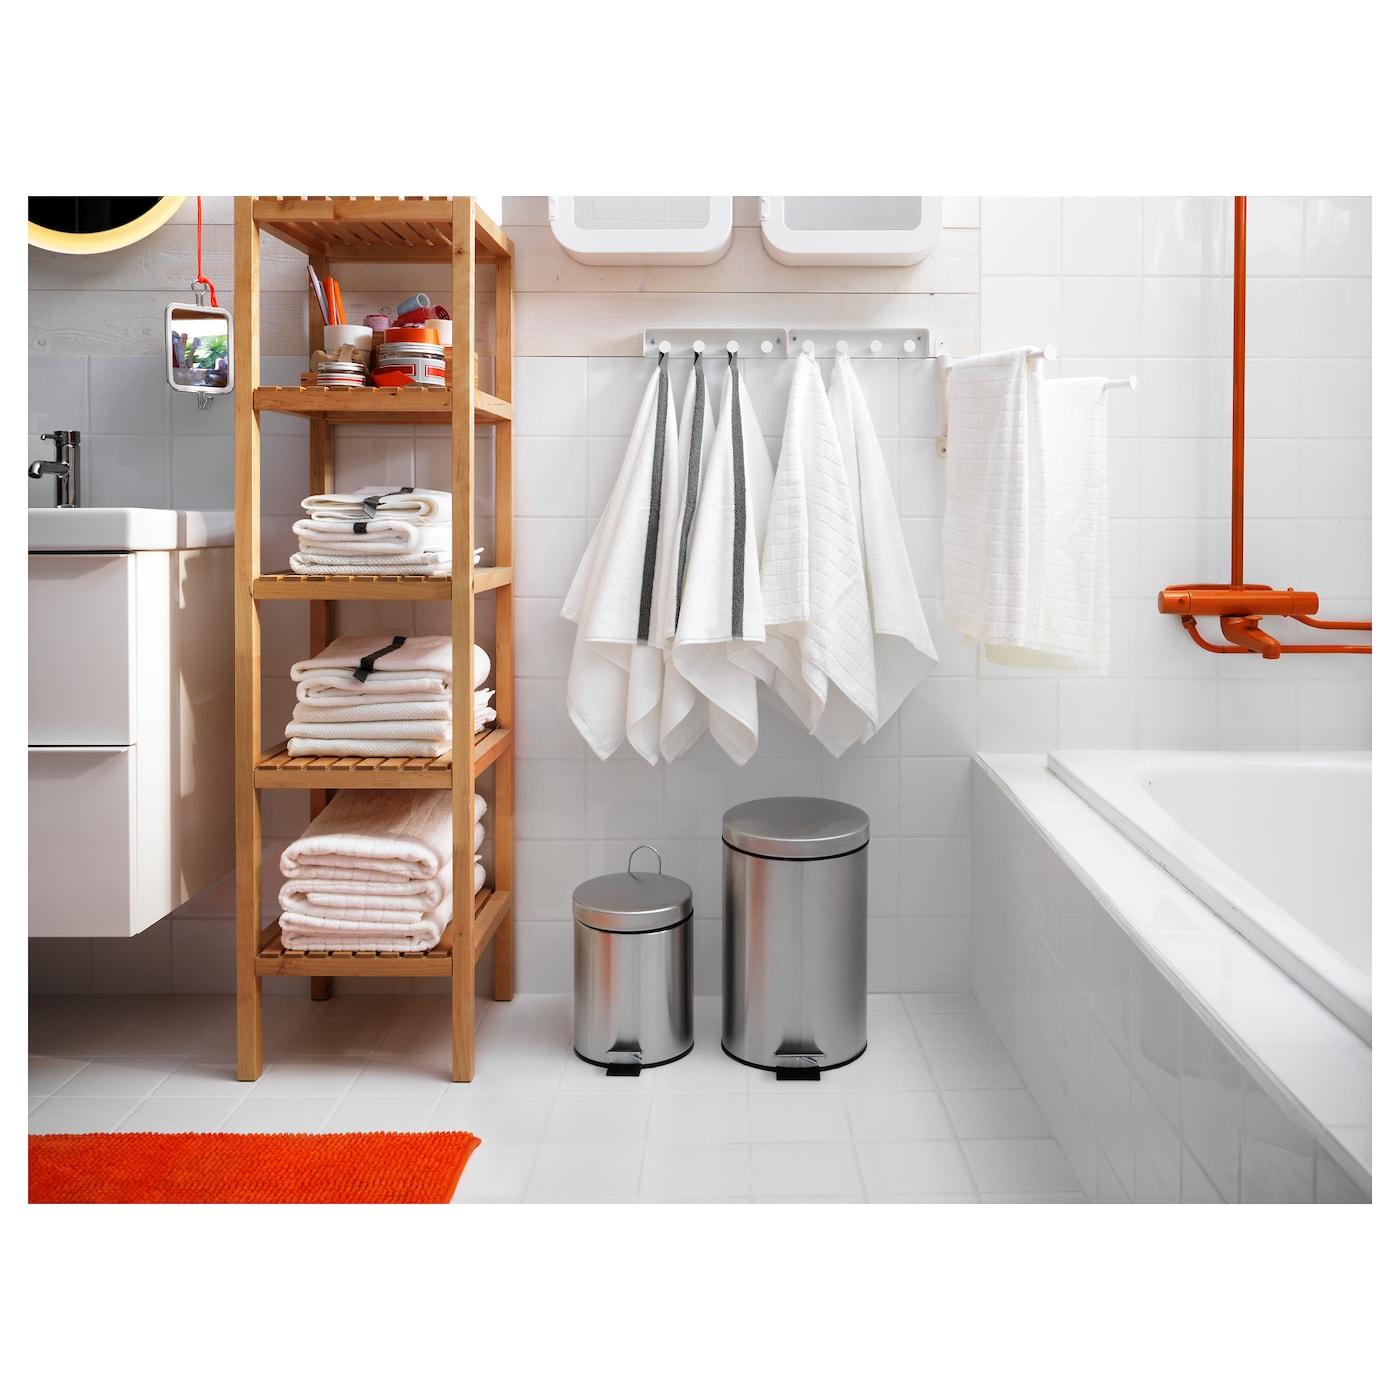 Full Size of Auszug Mülleimer Ikea Abfalleimer Tunisie Annonce Betten Bei Einbau Küche 160x200 Kosten Sofa Mit Schlaffunktion Modulküche Miniküche Doppel Kaufen Wohnzimmer Auszug Mülleimer Ikea